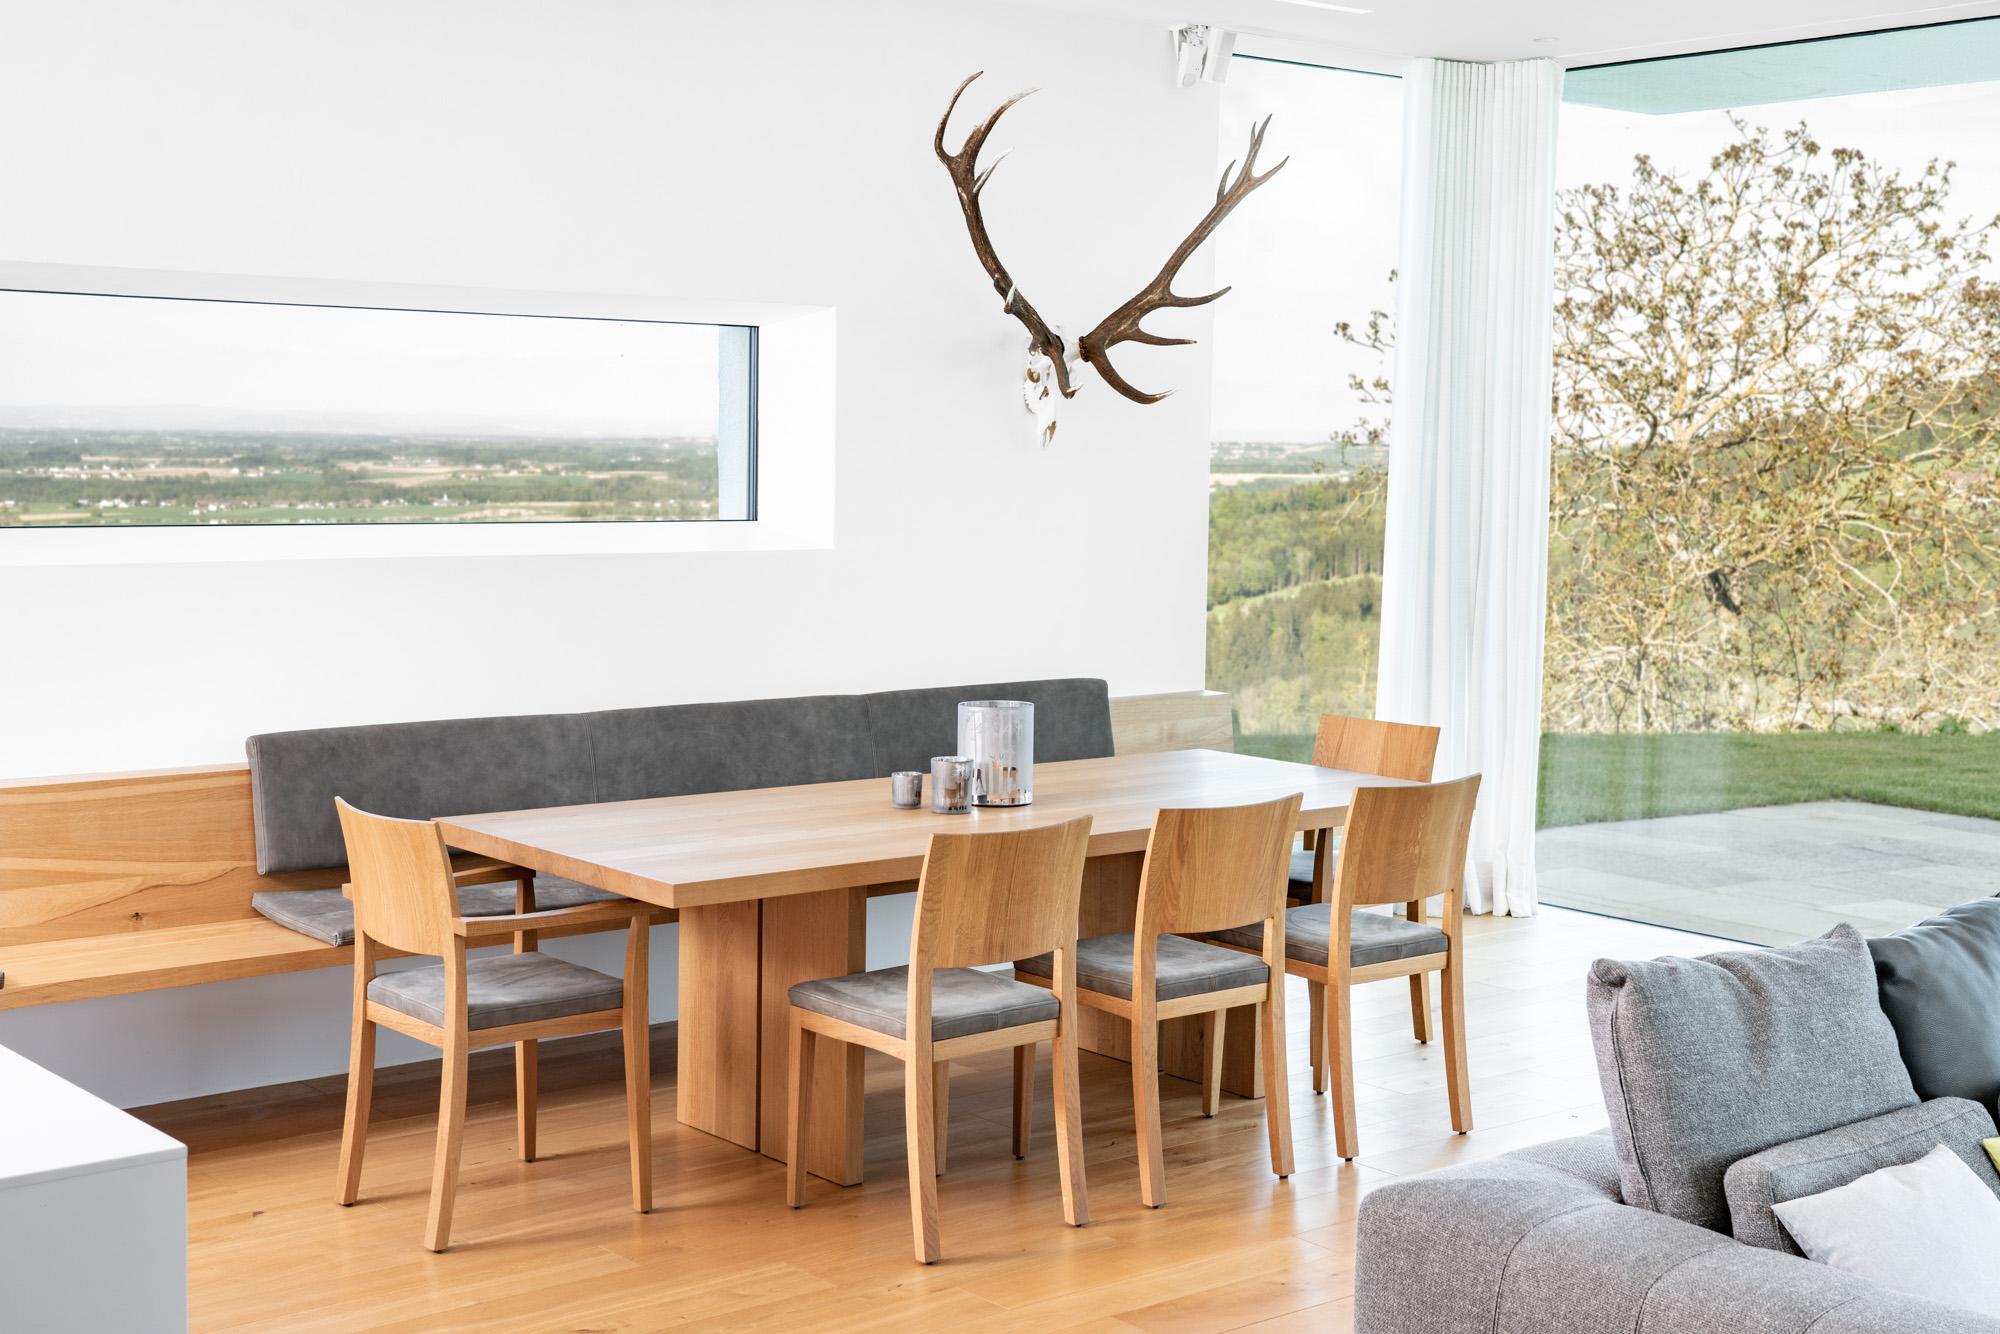 Esszimmer, Essbereich mit Massivholztisch vom Tischler